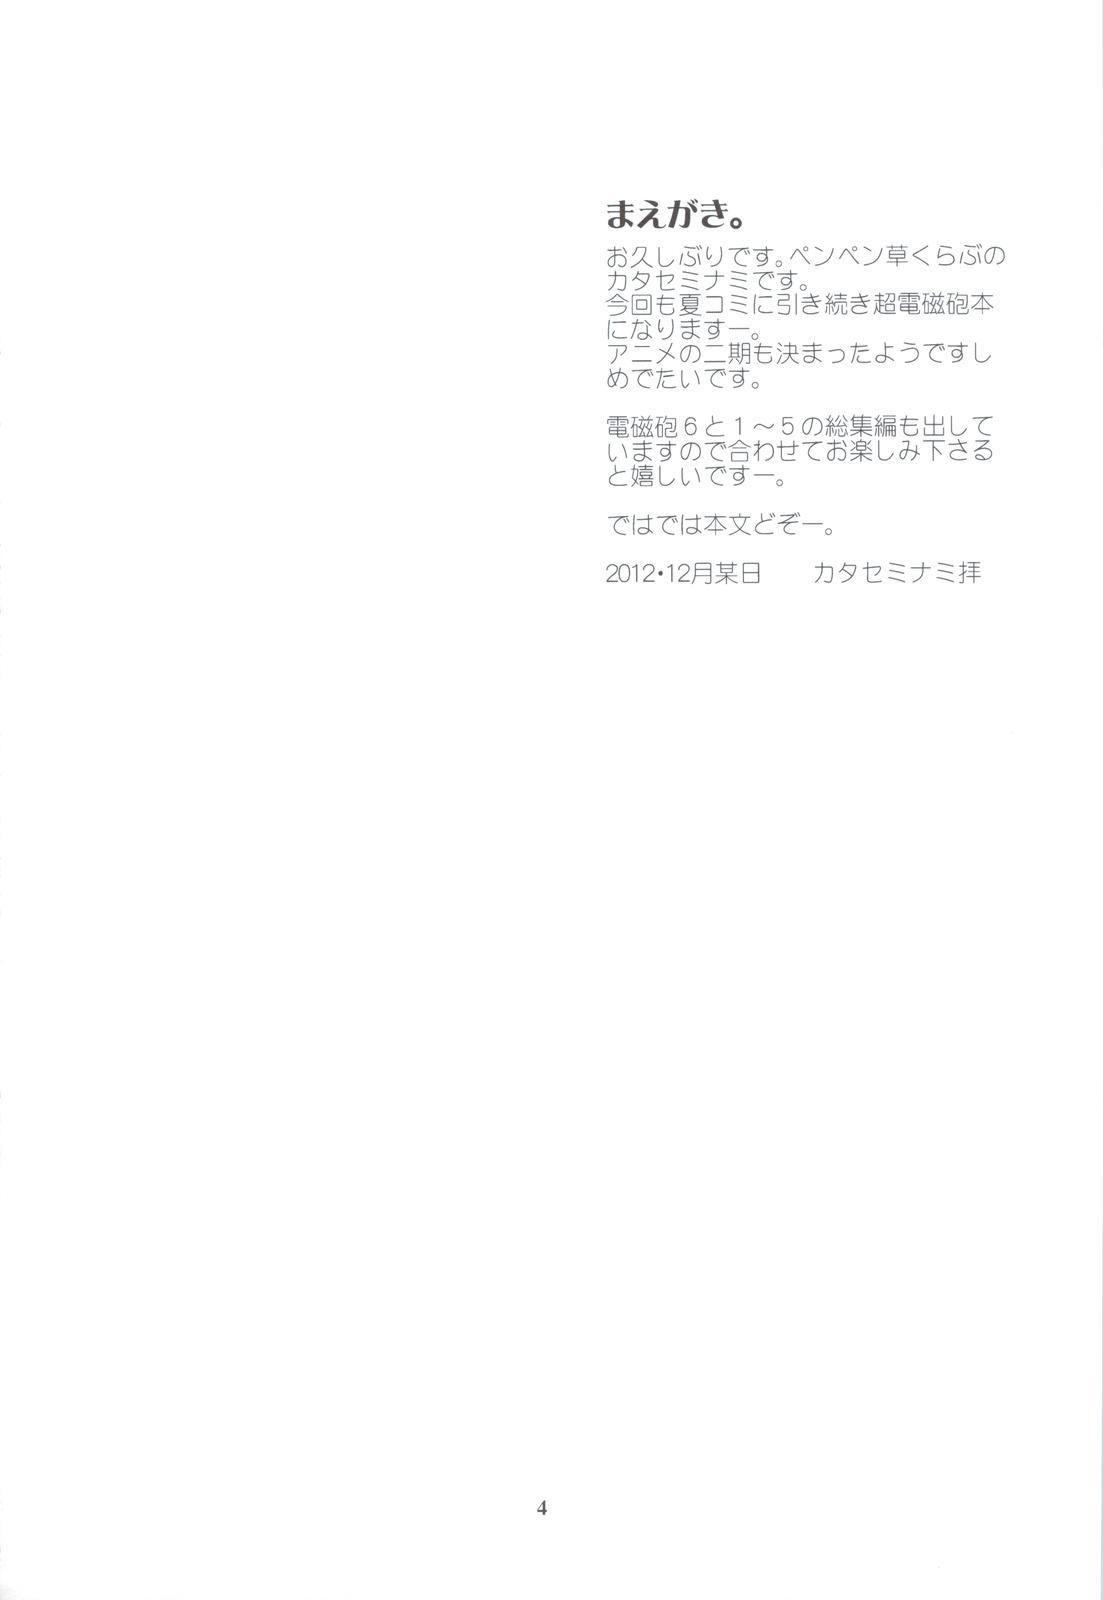 (C83) [Penpengusa Club (Katase Minami)] Toaru Kagaku no Judgement 6 - Onee-sama Search Eye! (Toaru Majutsu no Index) 2